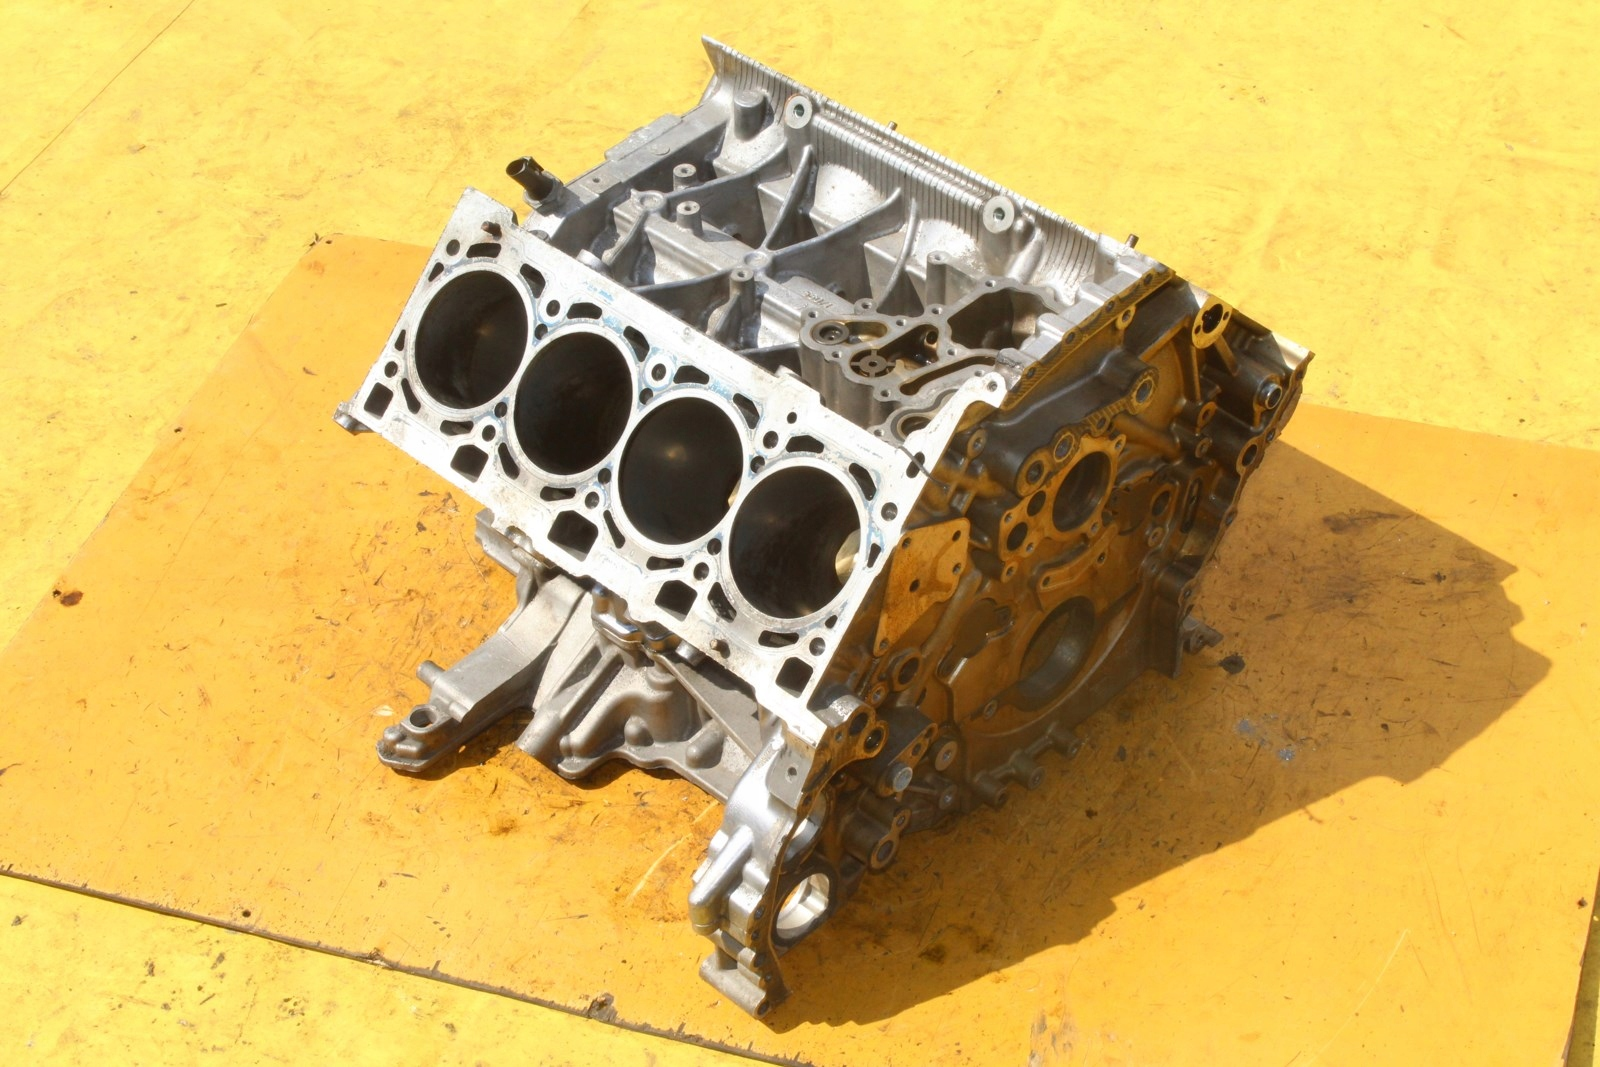 блок двигателя на столик a8 d3 42 v8 bvj